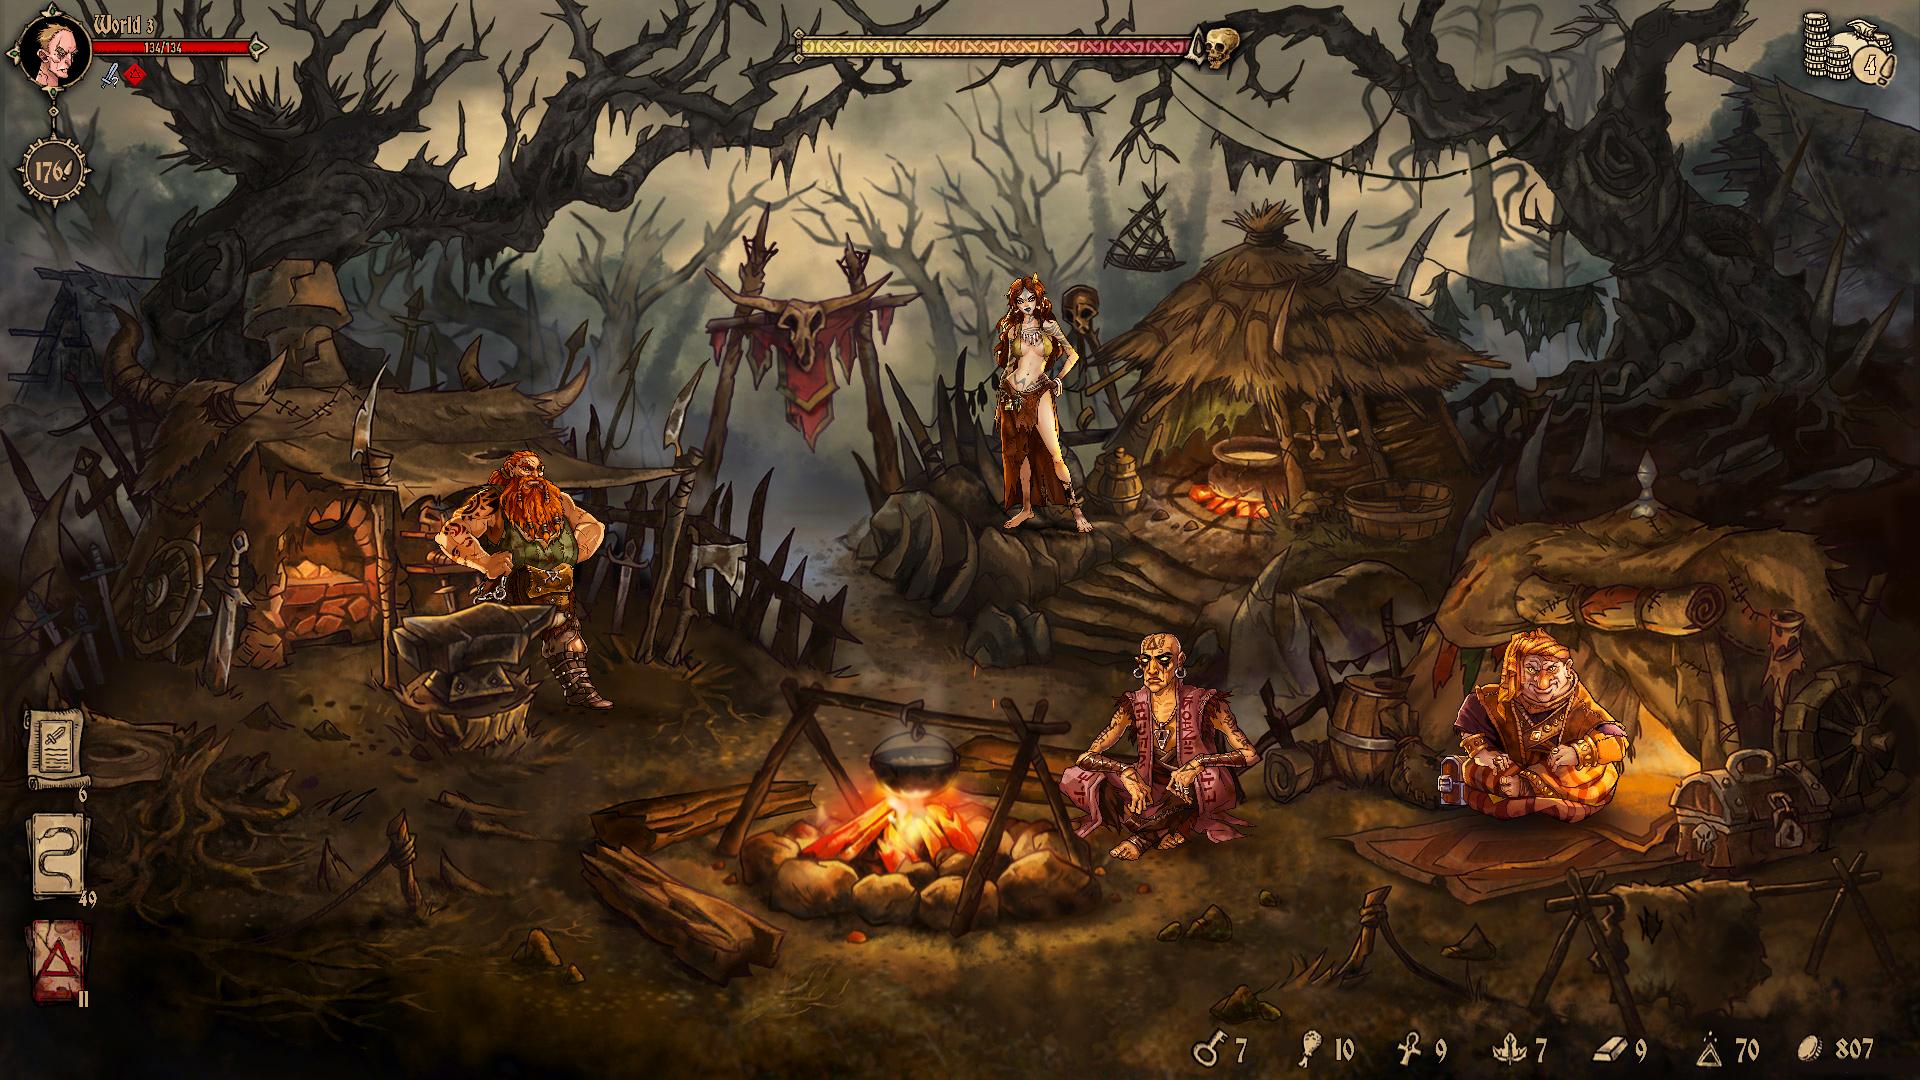 levantate-de-las-cenizas-y-recupera-el-verdadero-poder-en-deck-of-ashes-frikigamers.com.jpg